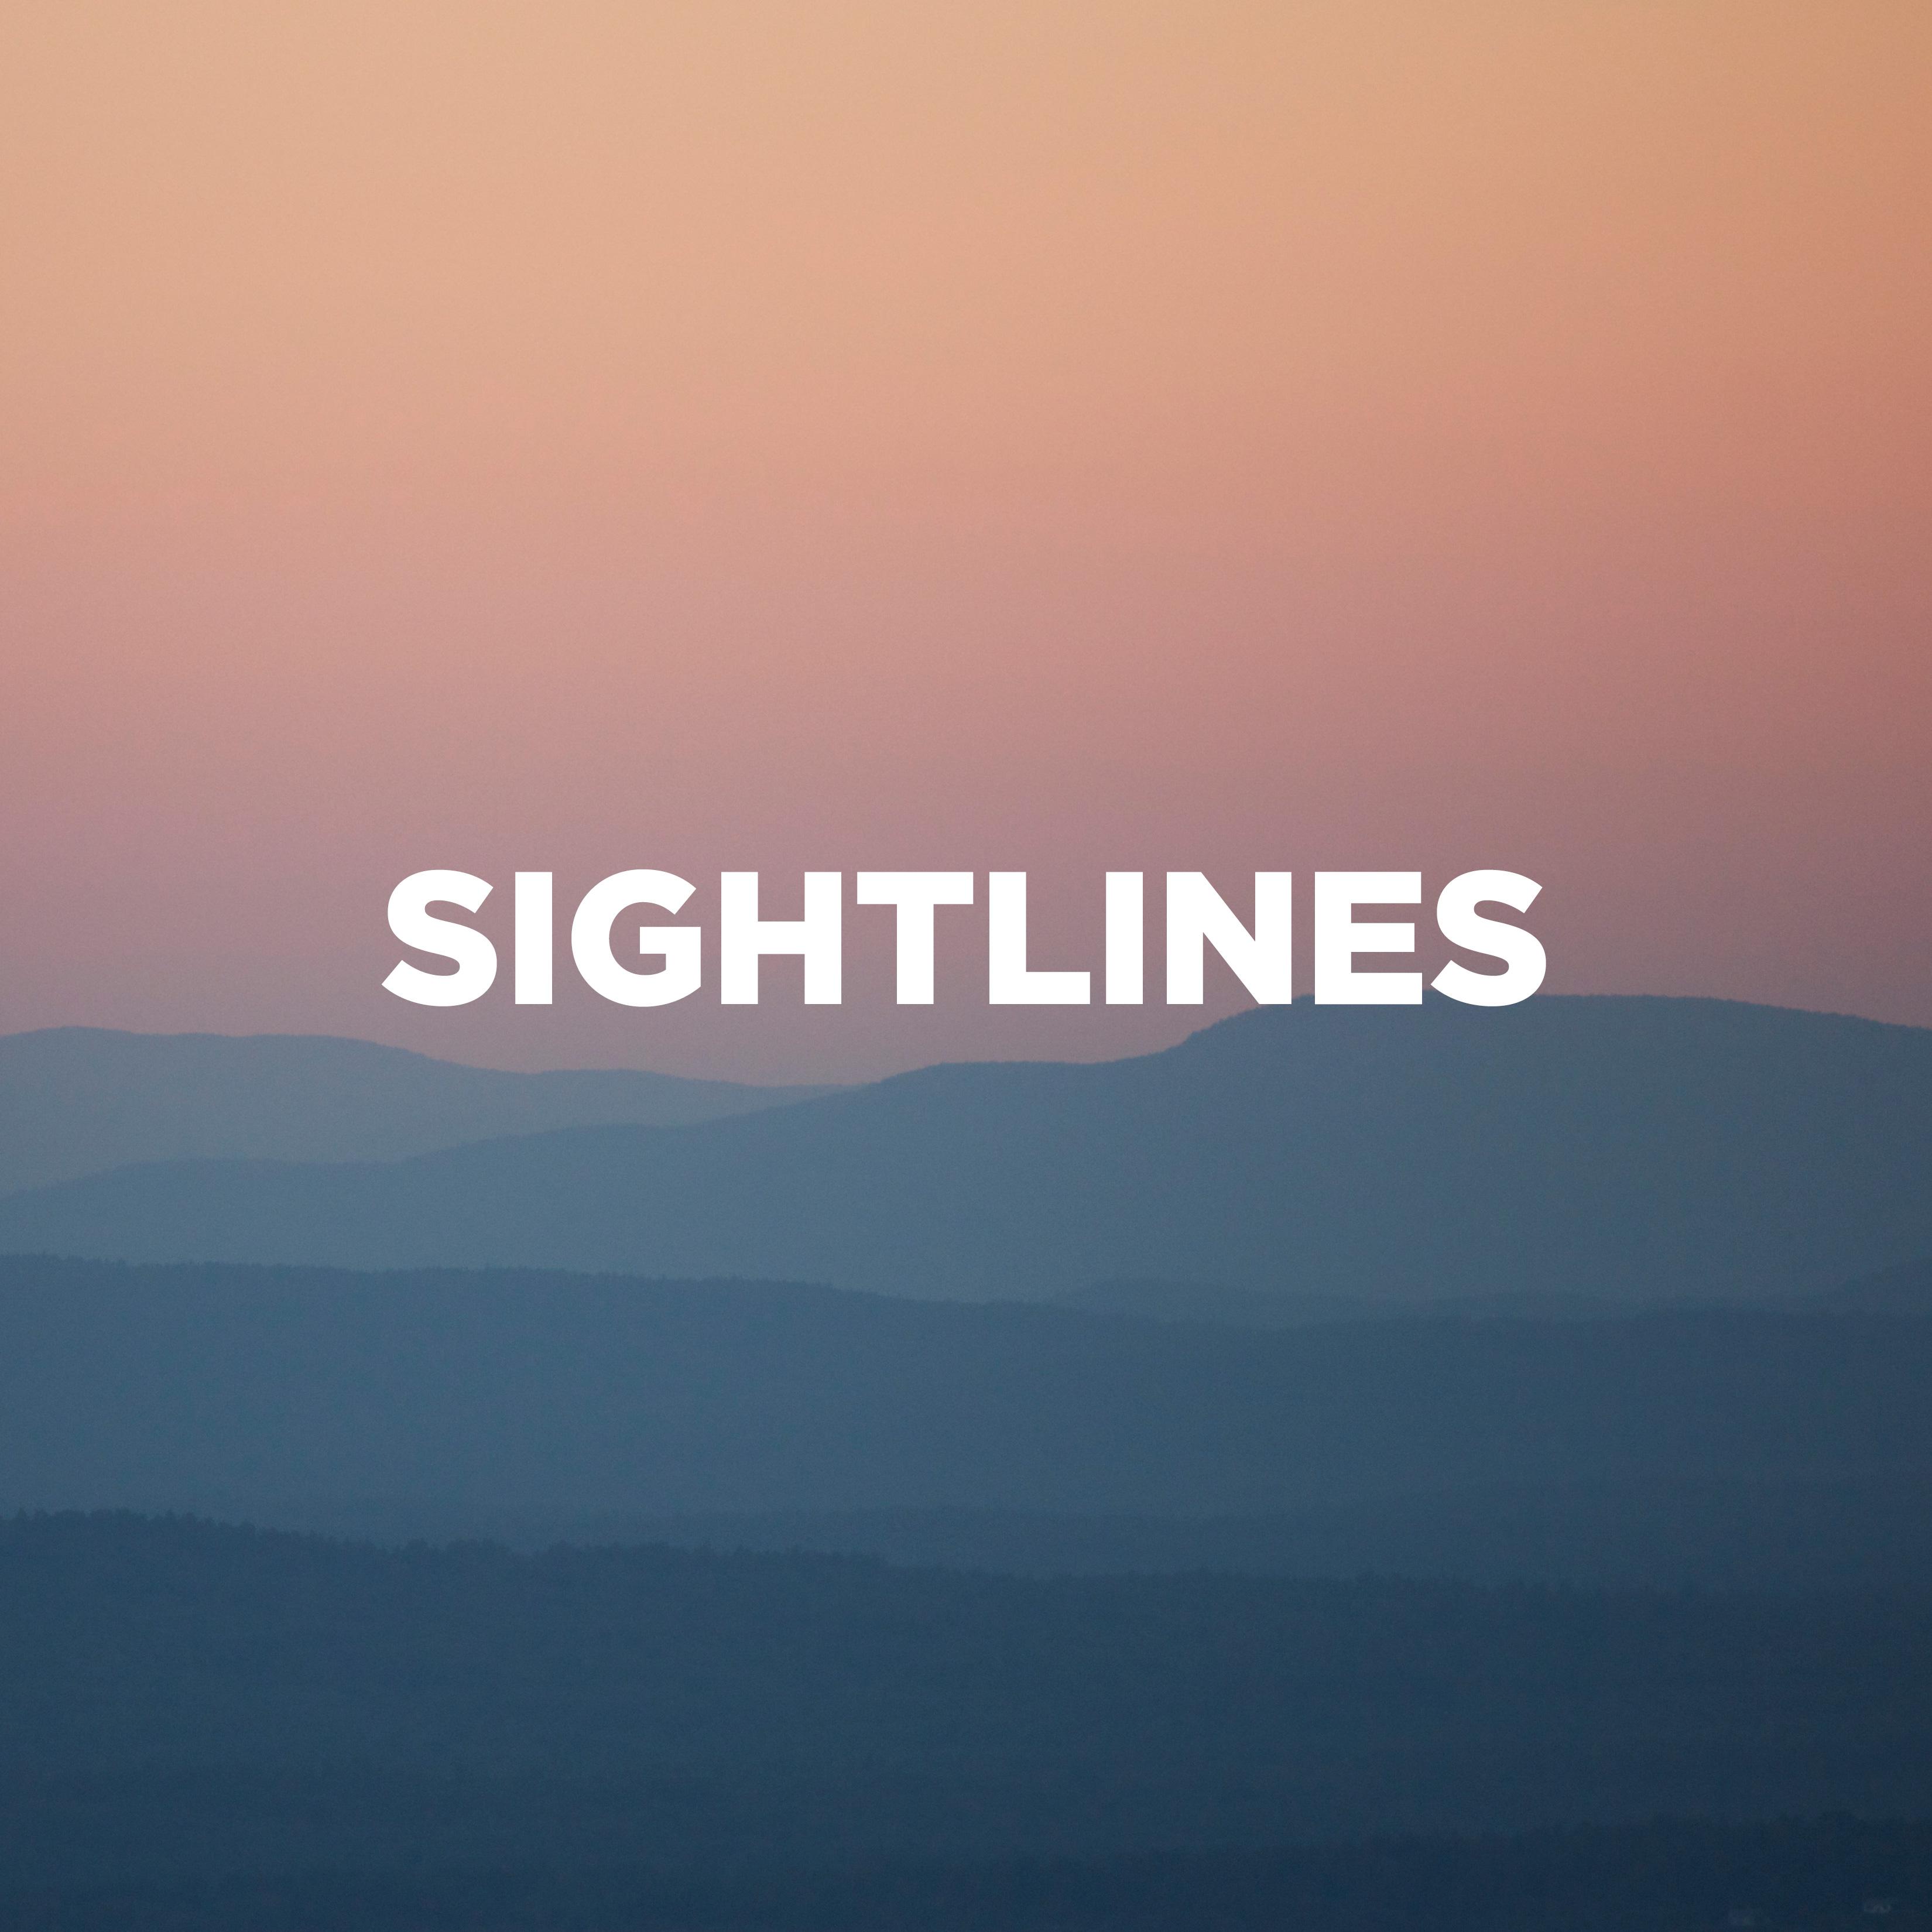 EP Review: Sightlines by Steve Benjamins